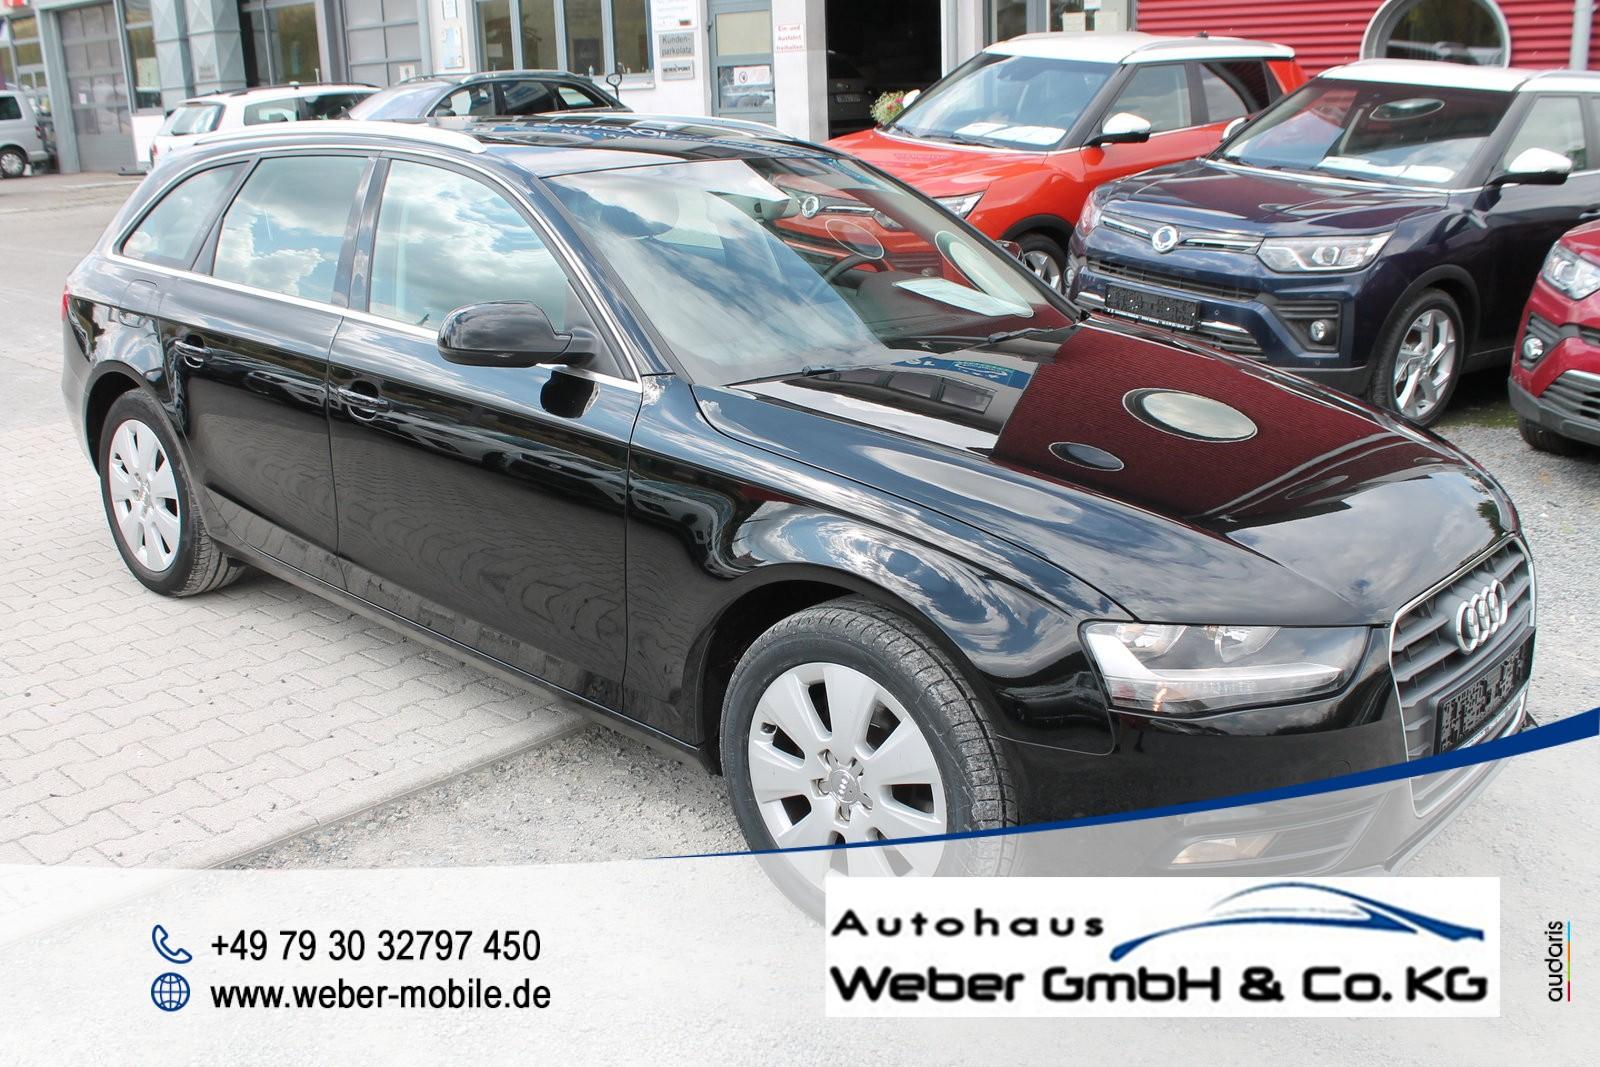 Audi A4 Avant 2.0 TDI *SHZ*Navi*Einparkhilfe*AHK abn.*Freisprecheinrichtung*, Jahr 2015, Diesel